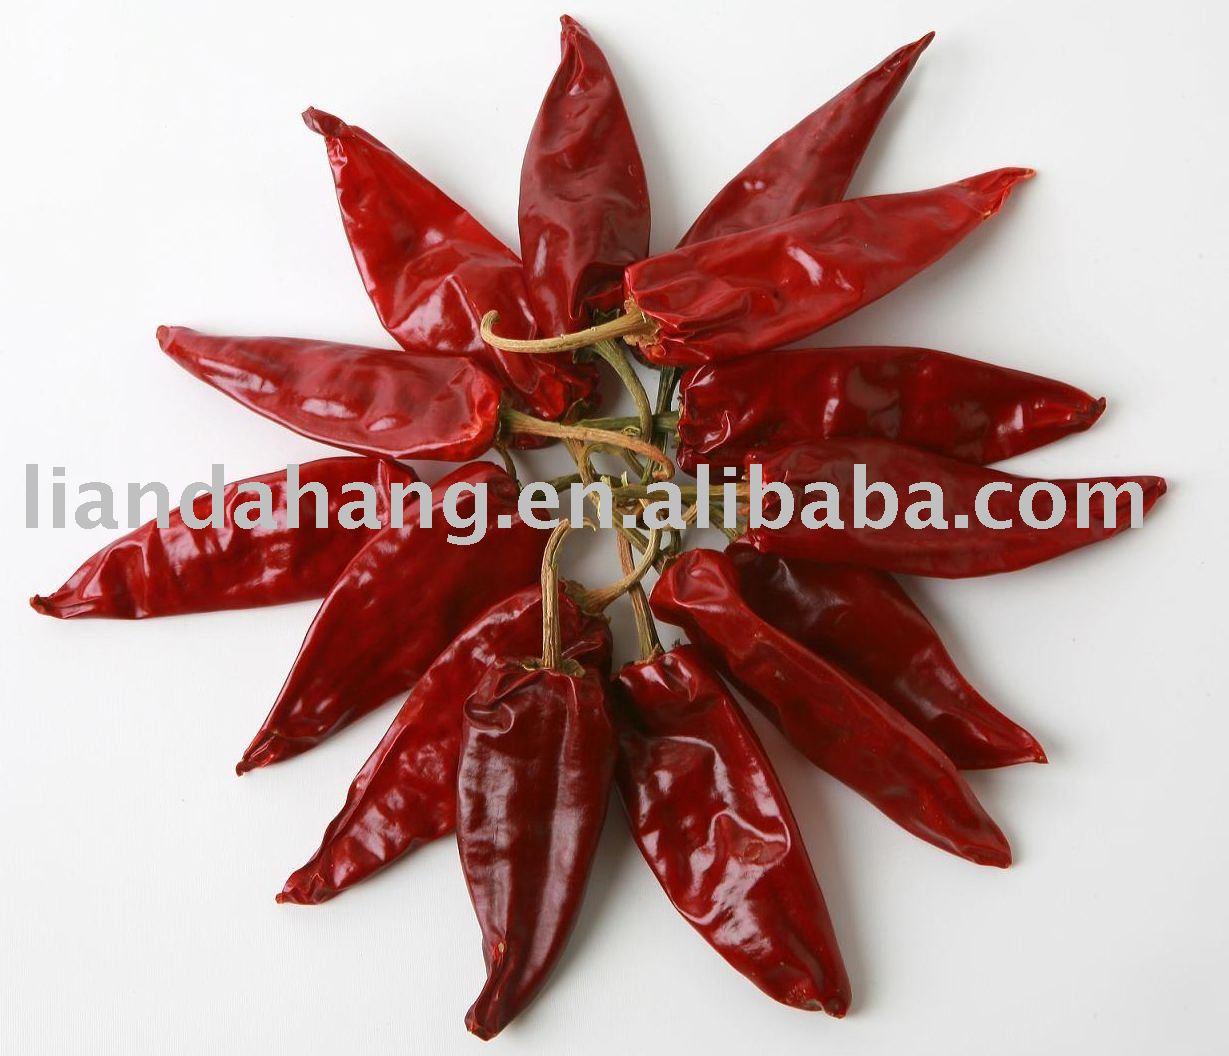 Yidu   Paprika  chili,  Yidu  Whole Chili Stemless, Chinese Chili